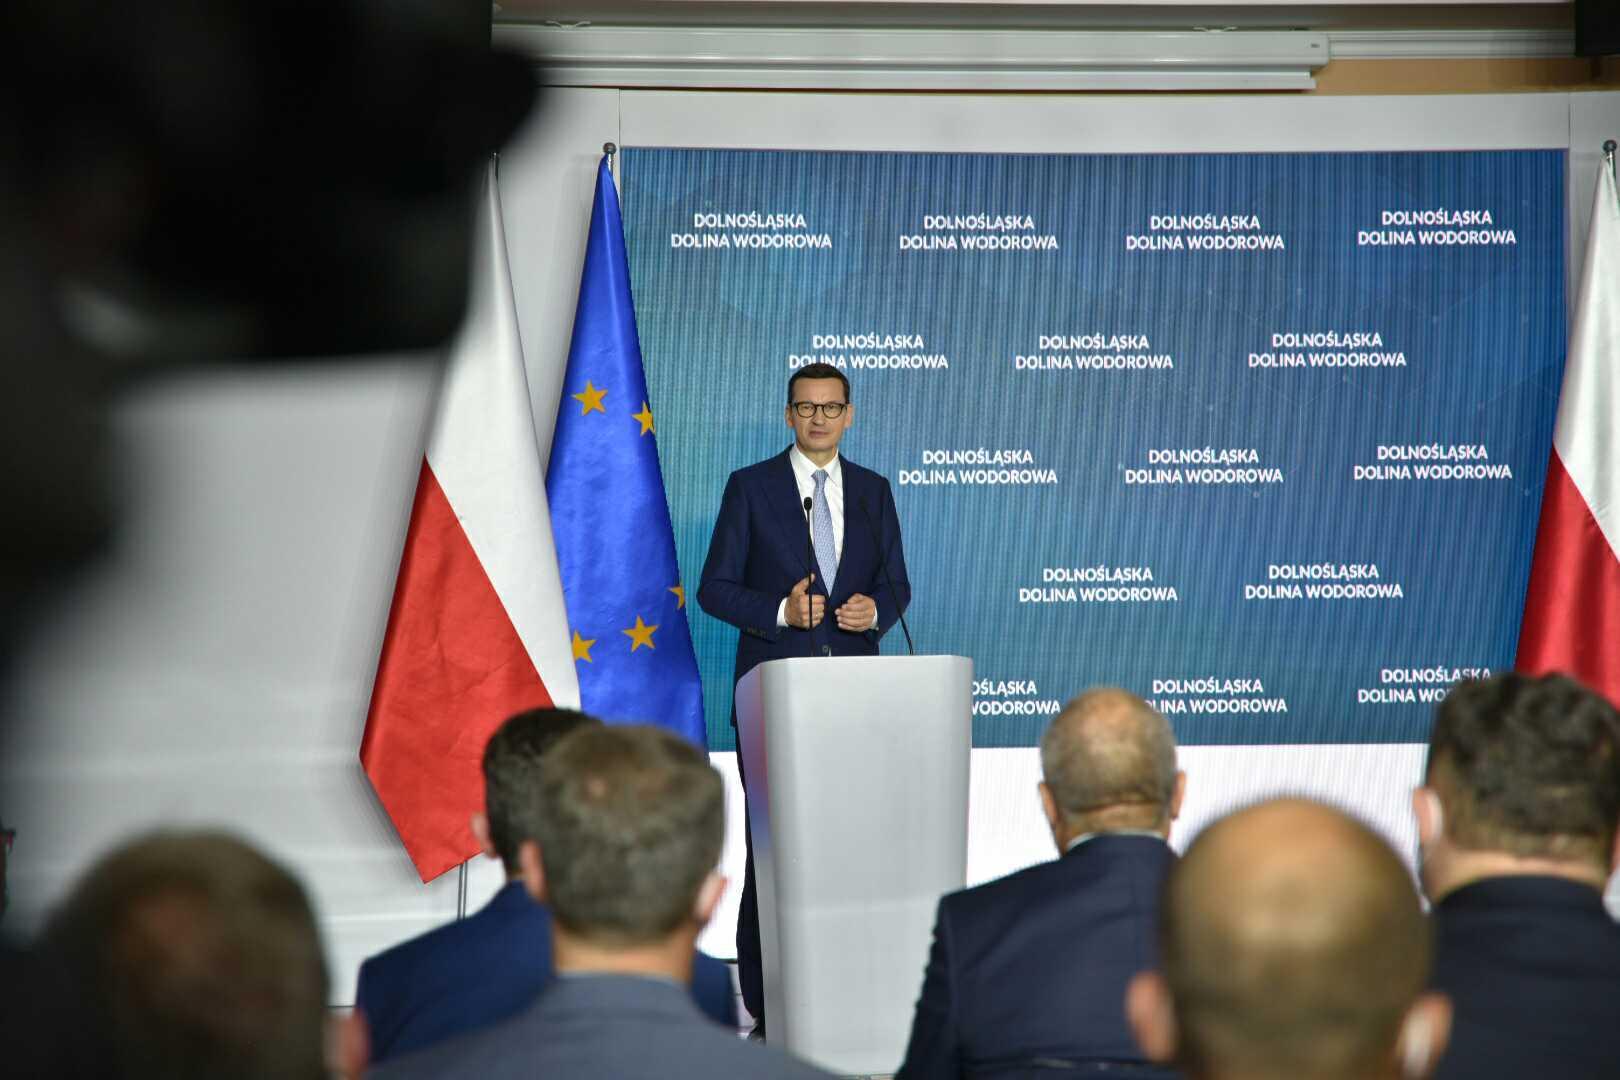 Premier podczas podpisania Listu intencyjnego w sprawie utworzenia Dolnośląskiej Doliny Wodorowej